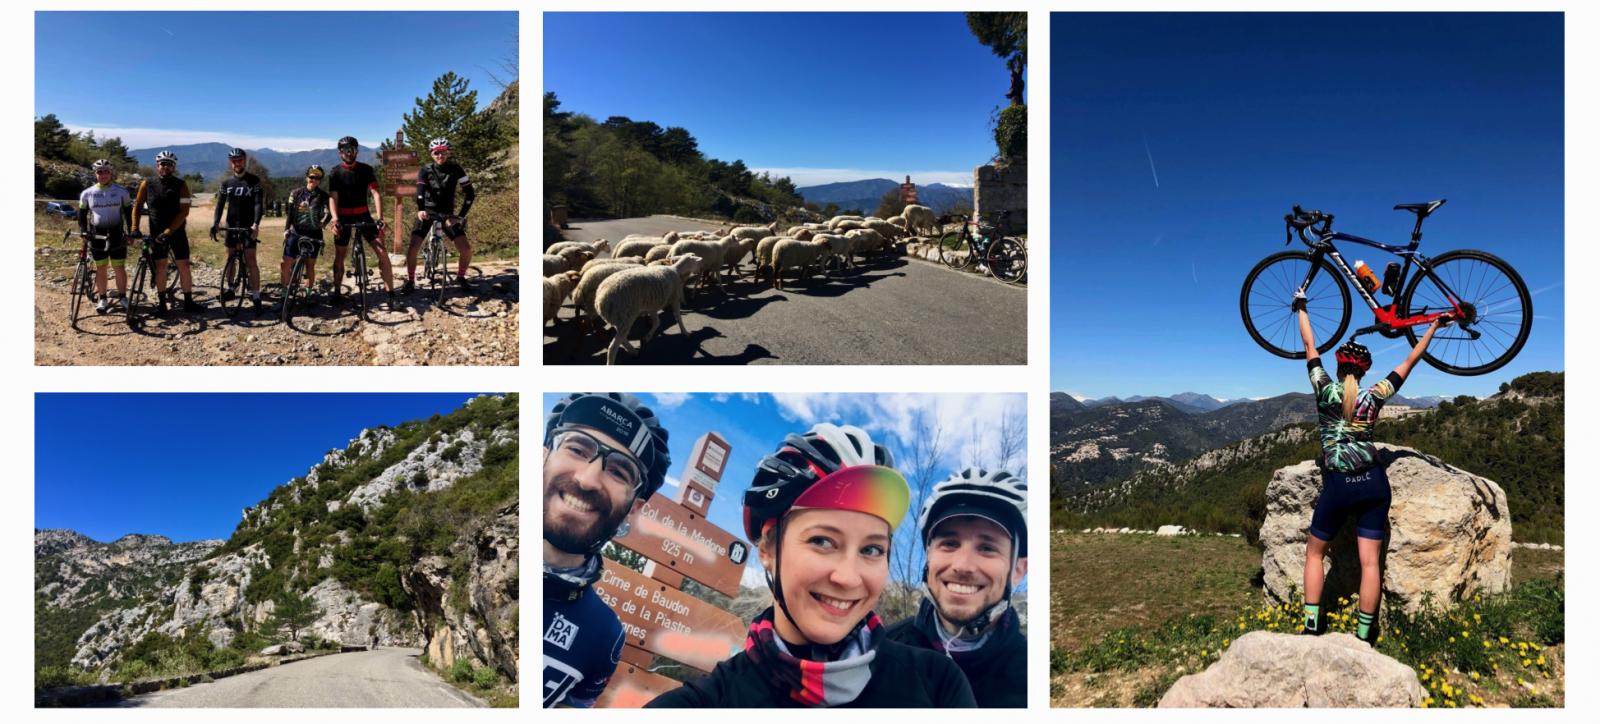 Col de la Madone with friends & She's a Cyclist